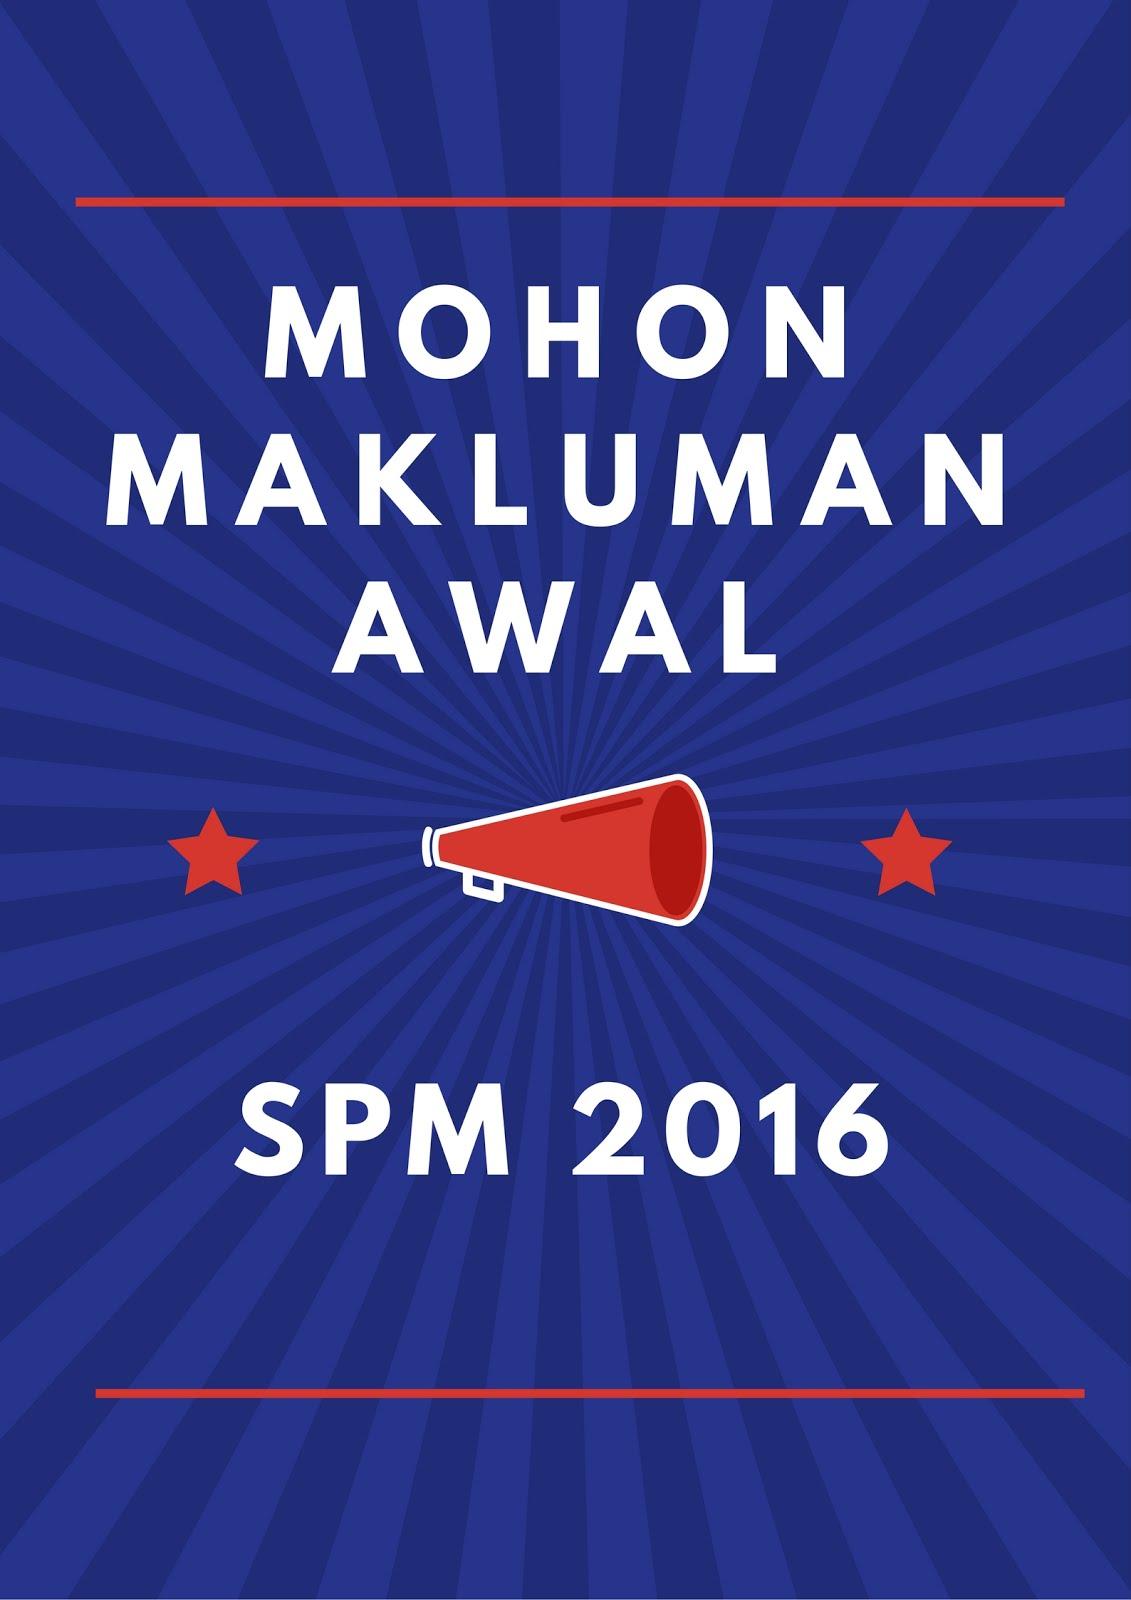 PERMOHONAN MAKLUMAN AWAL BAGI CALON SPM 2016